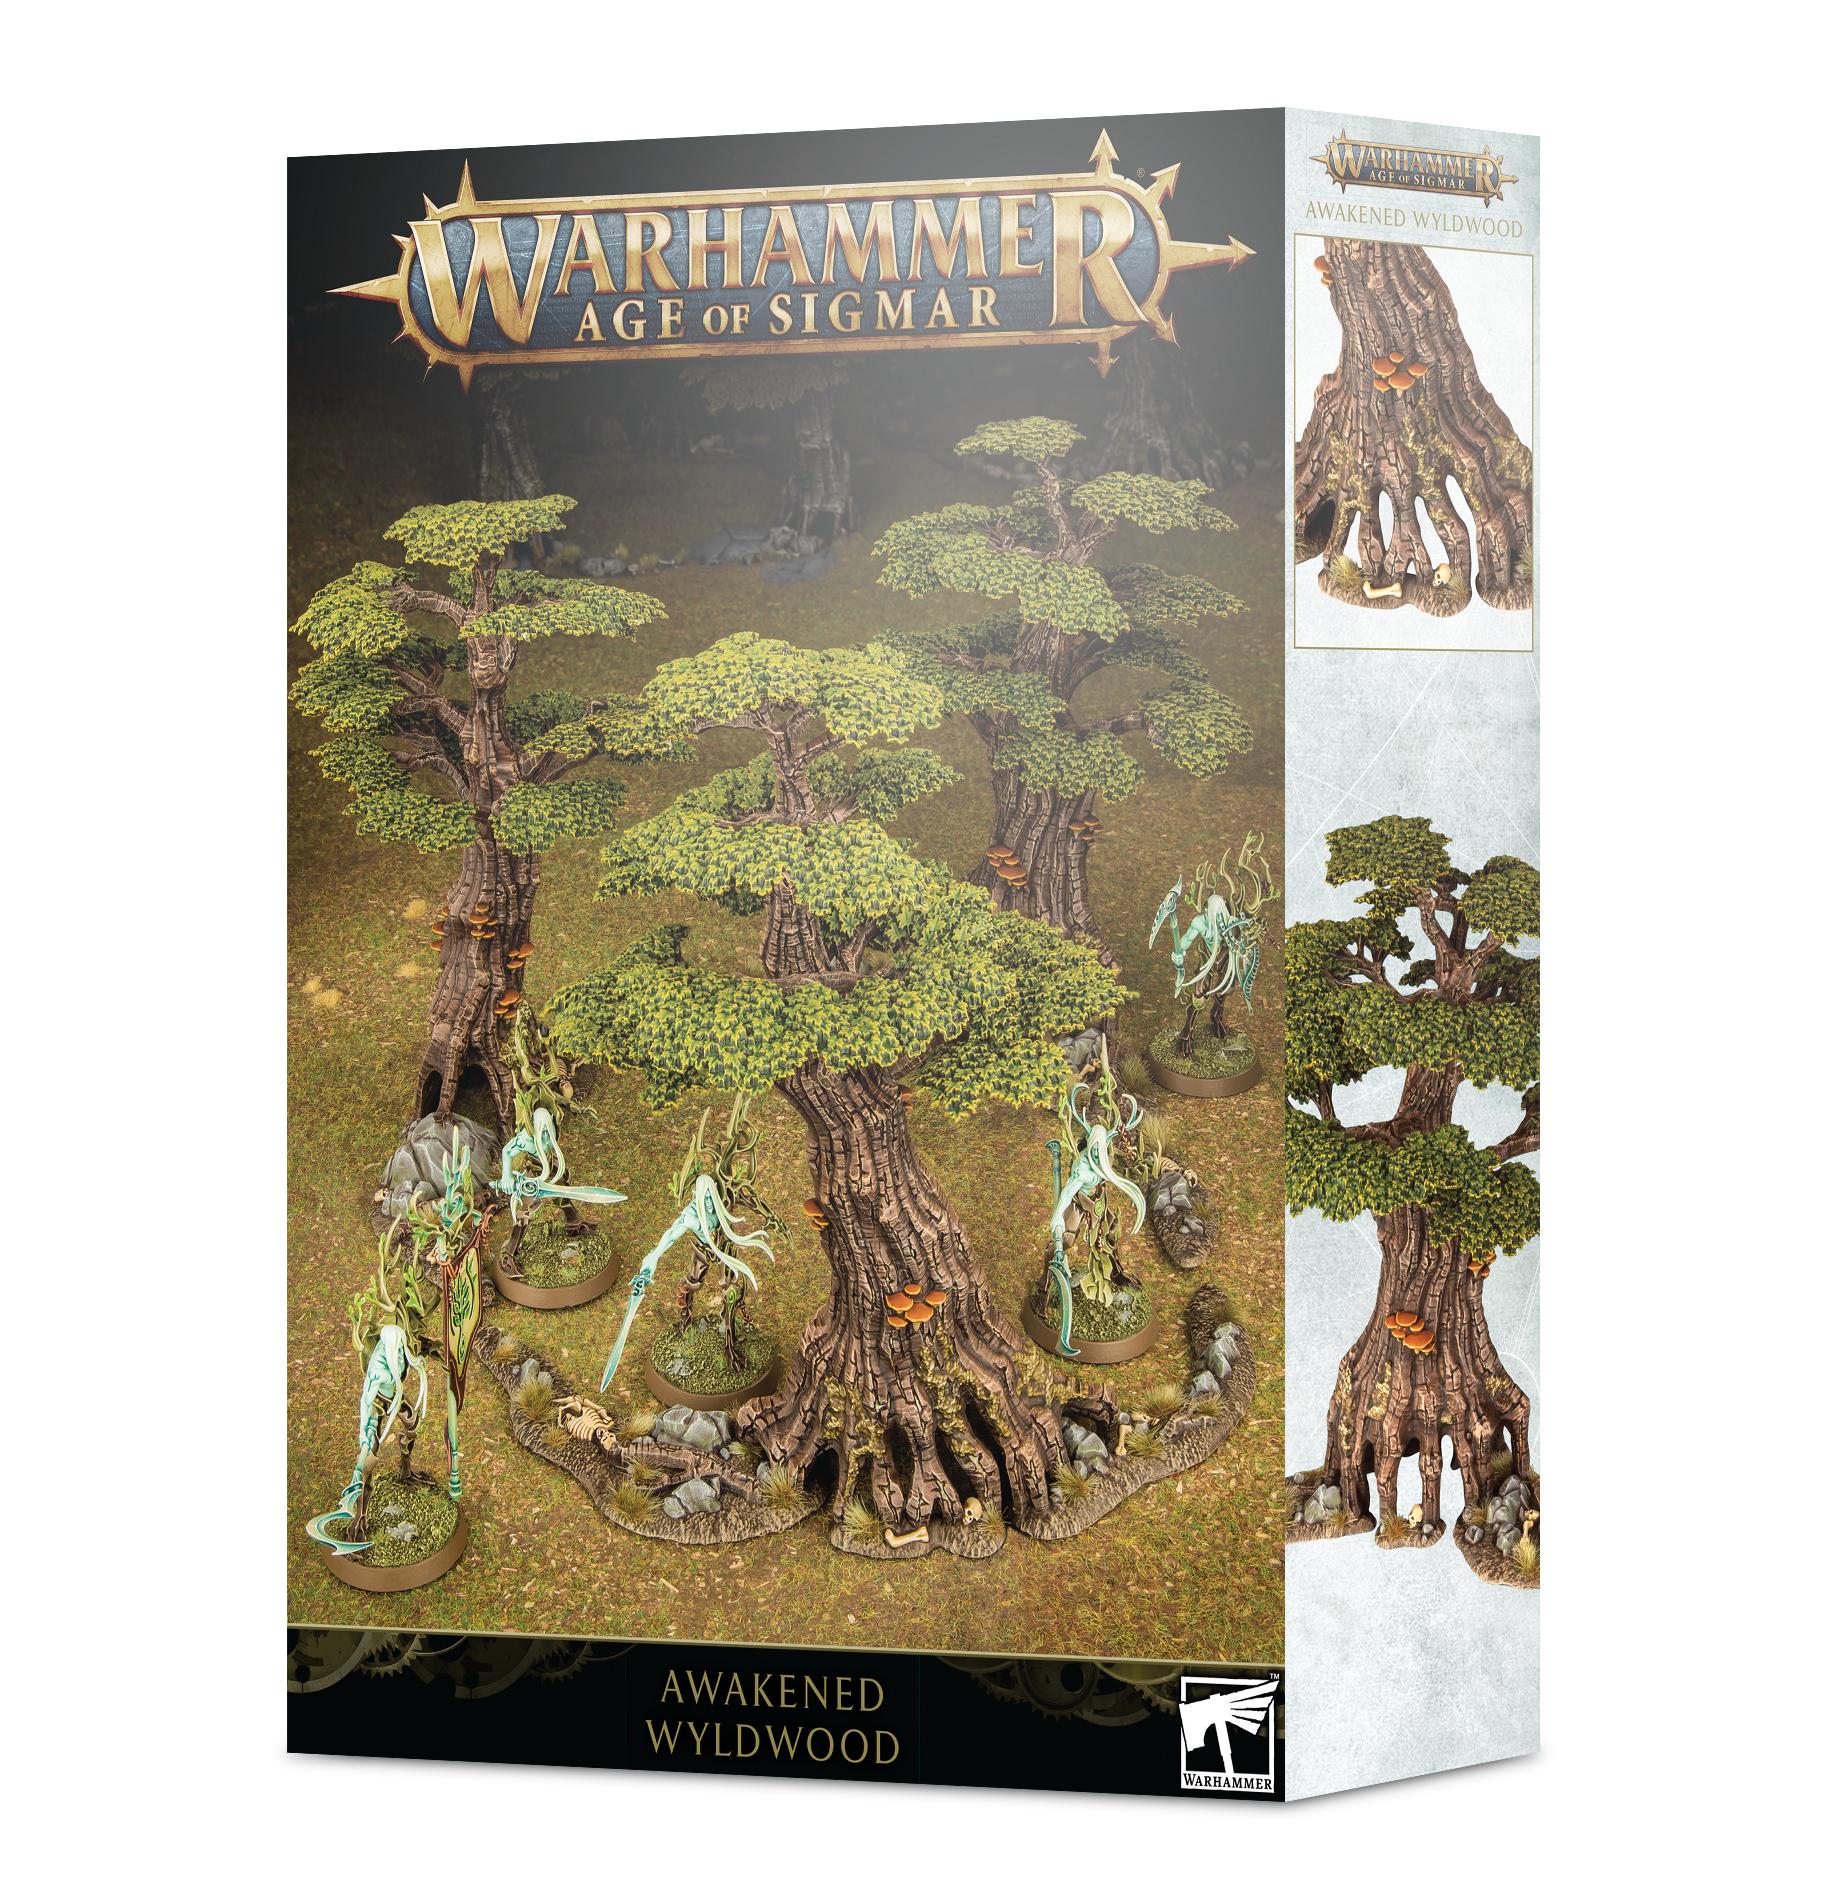 Warhammer Age Of Sigmar: Awakened Wildwood Game Box